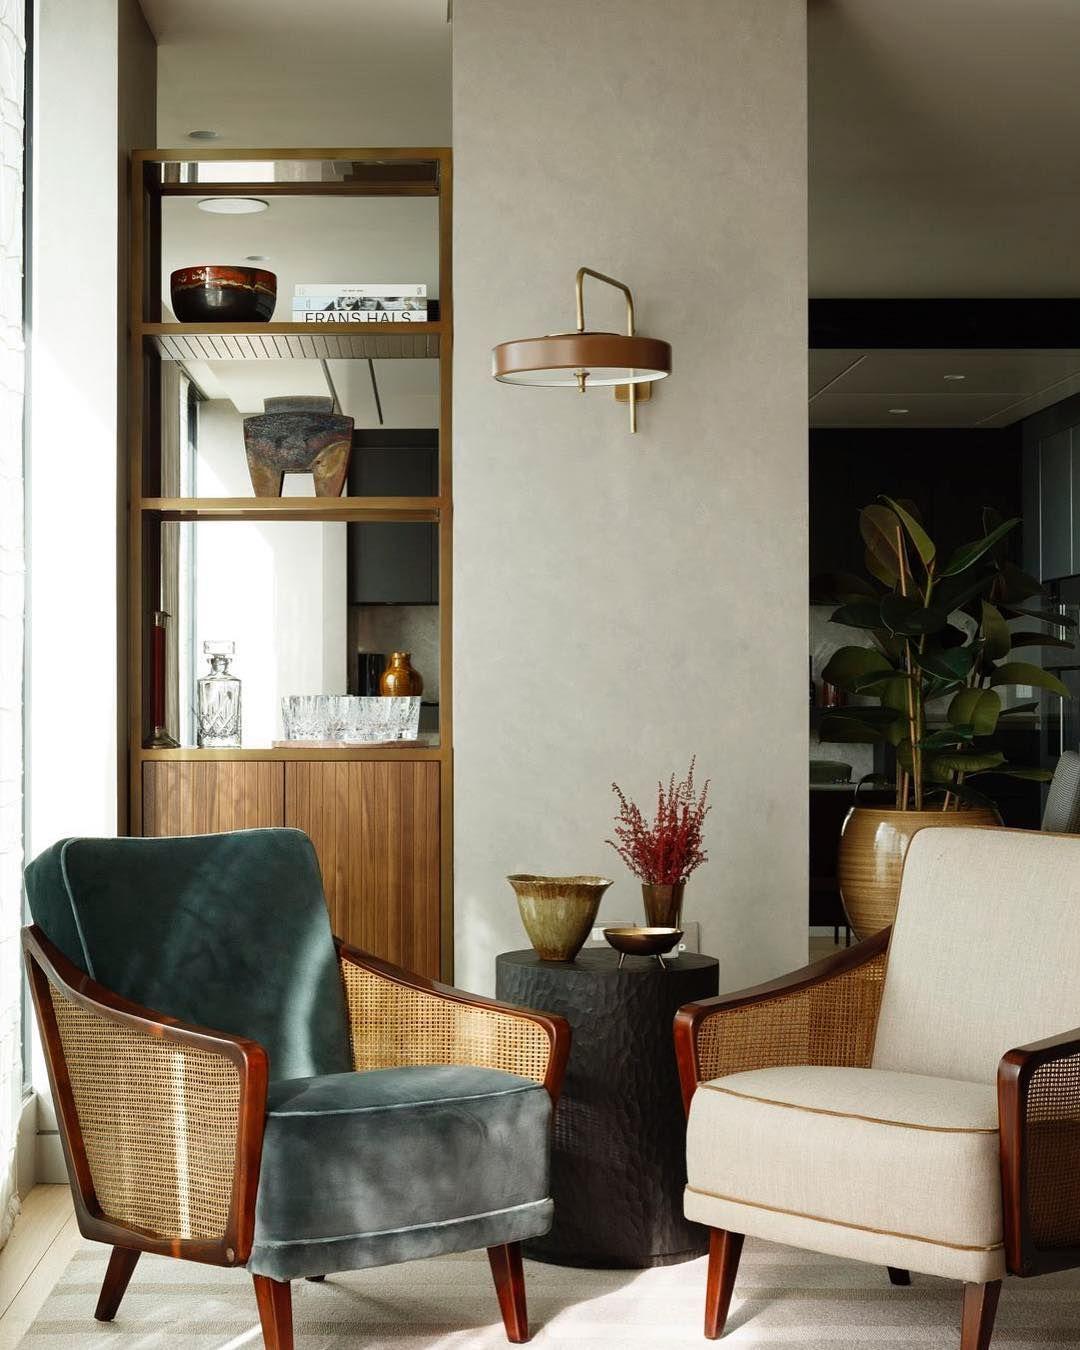 Top 5 Interior Design Trends 2020 45 Images Of Interior Trends 2020 Interior Design Trending Decor Interior